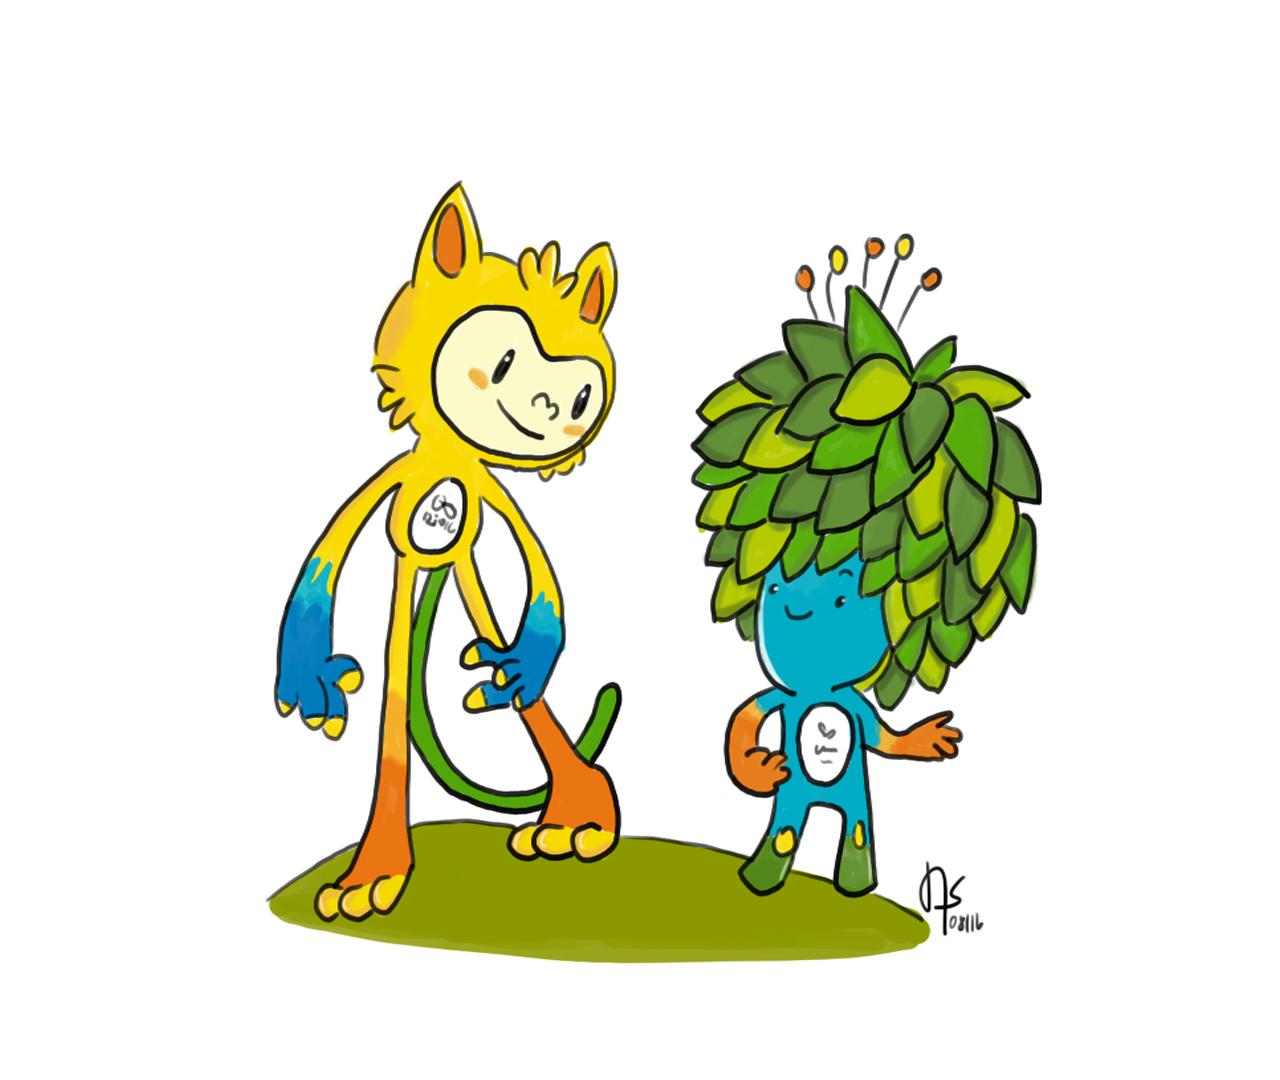 Rio 2016 mascots